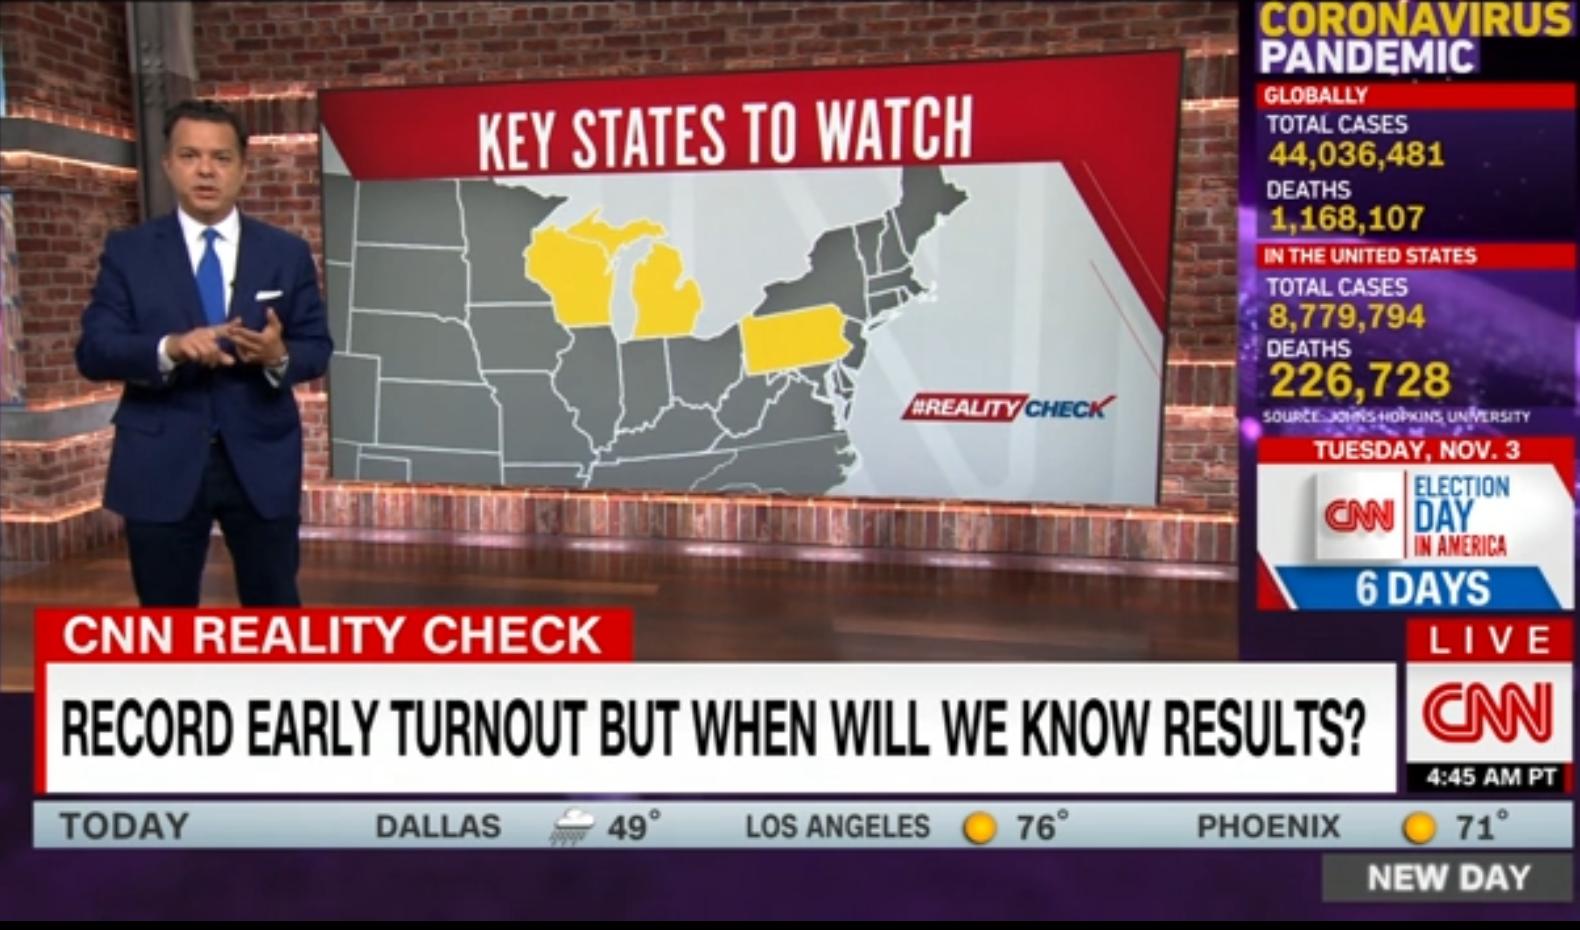 CNN: Erken Katılımı Kaydedin Ama Sonuçları Ne Zaman Bileceğiz?